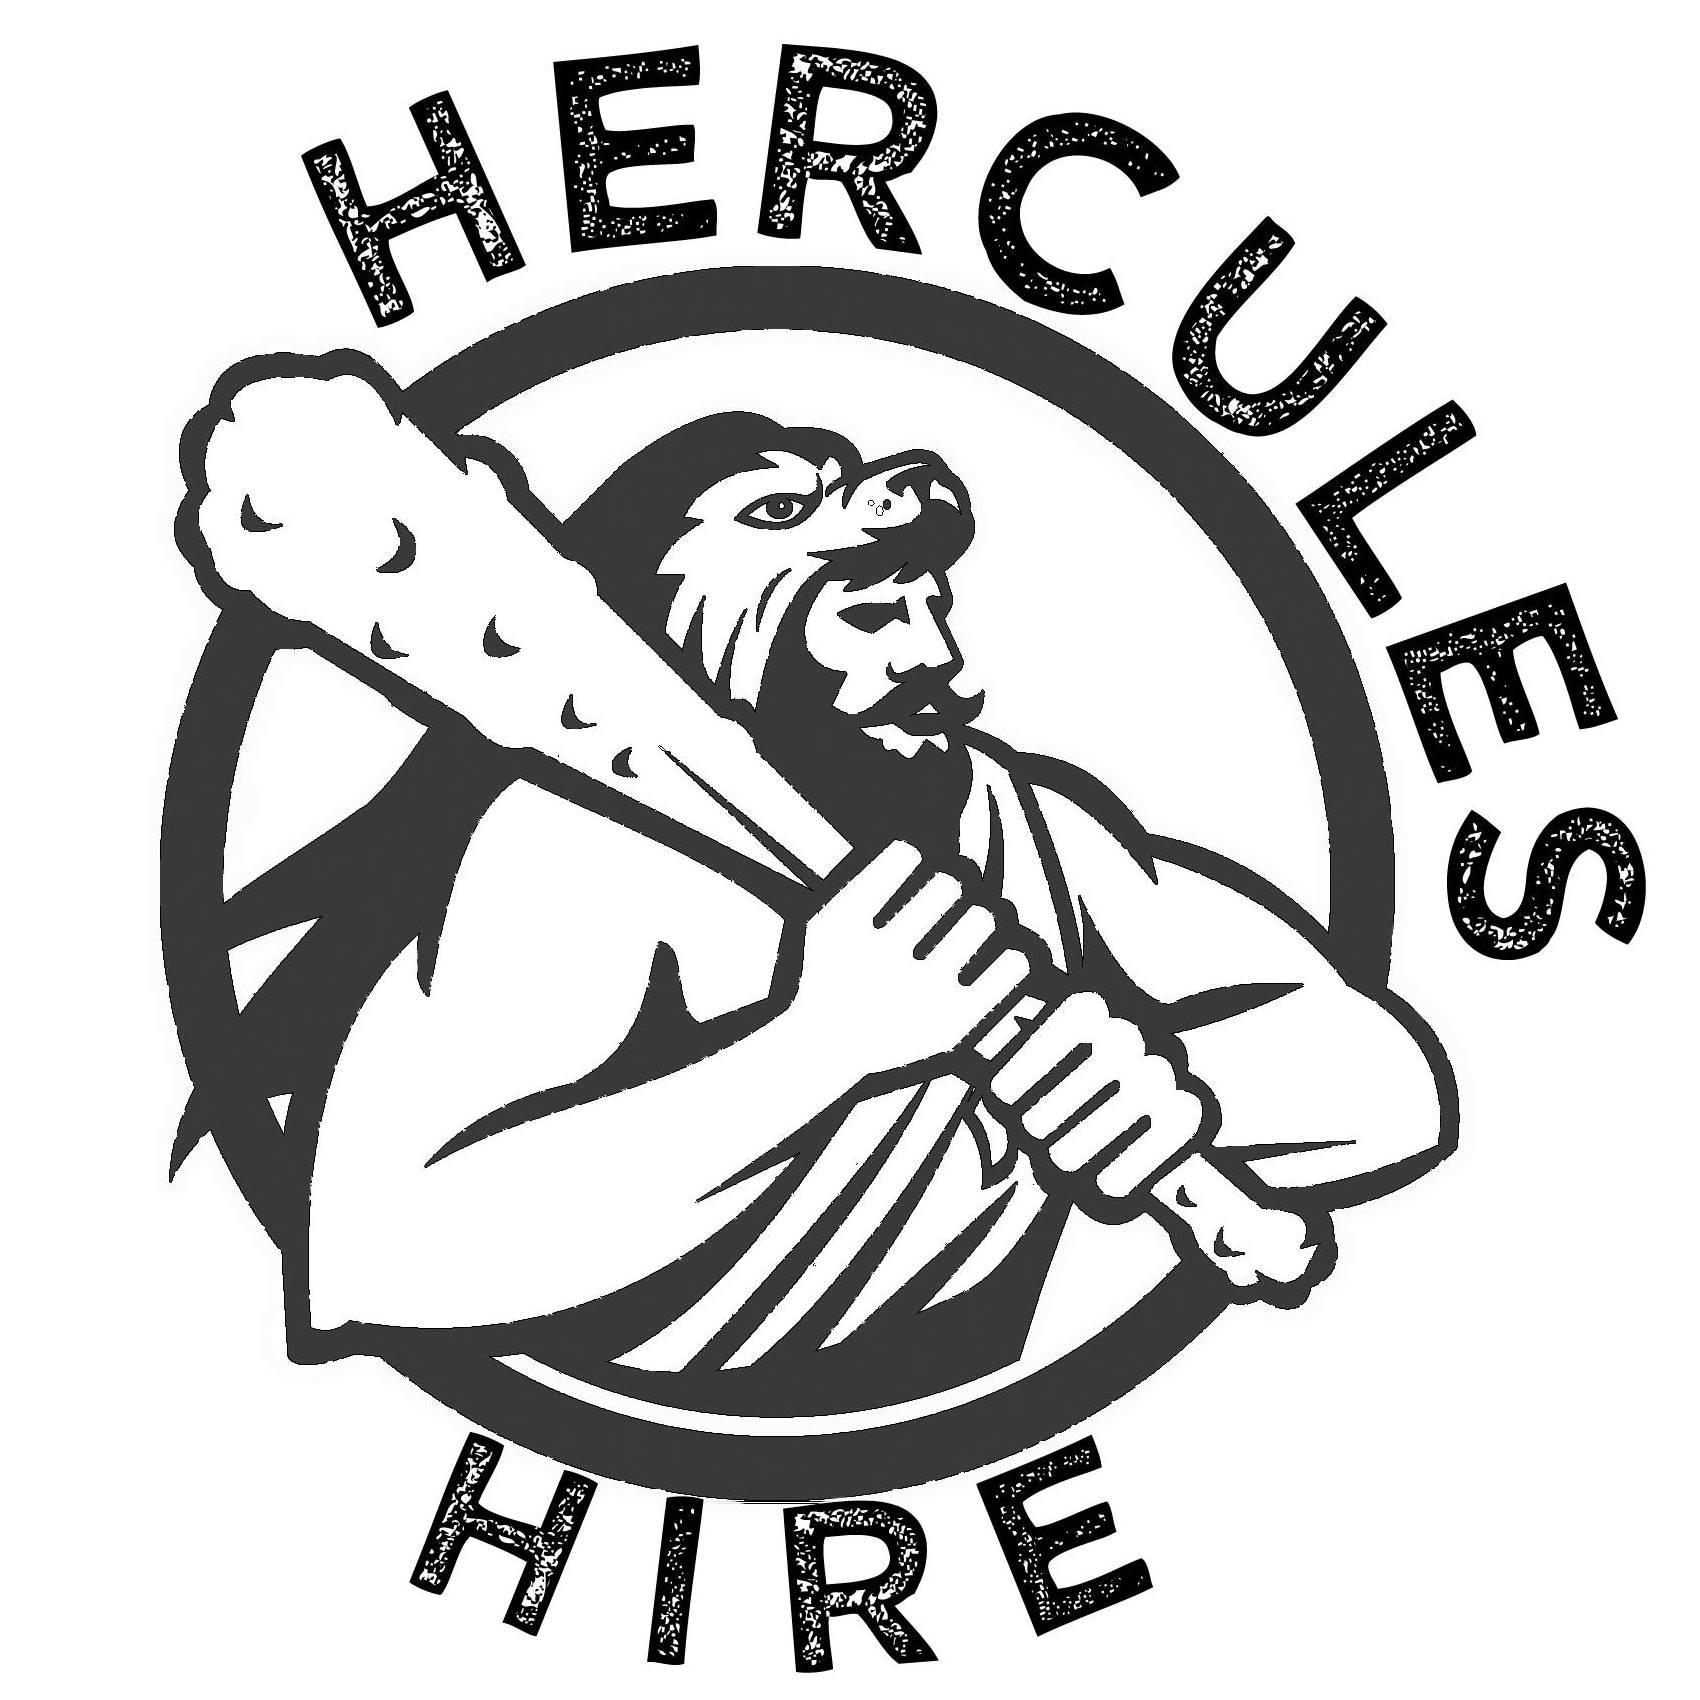 HERCULES HIRE